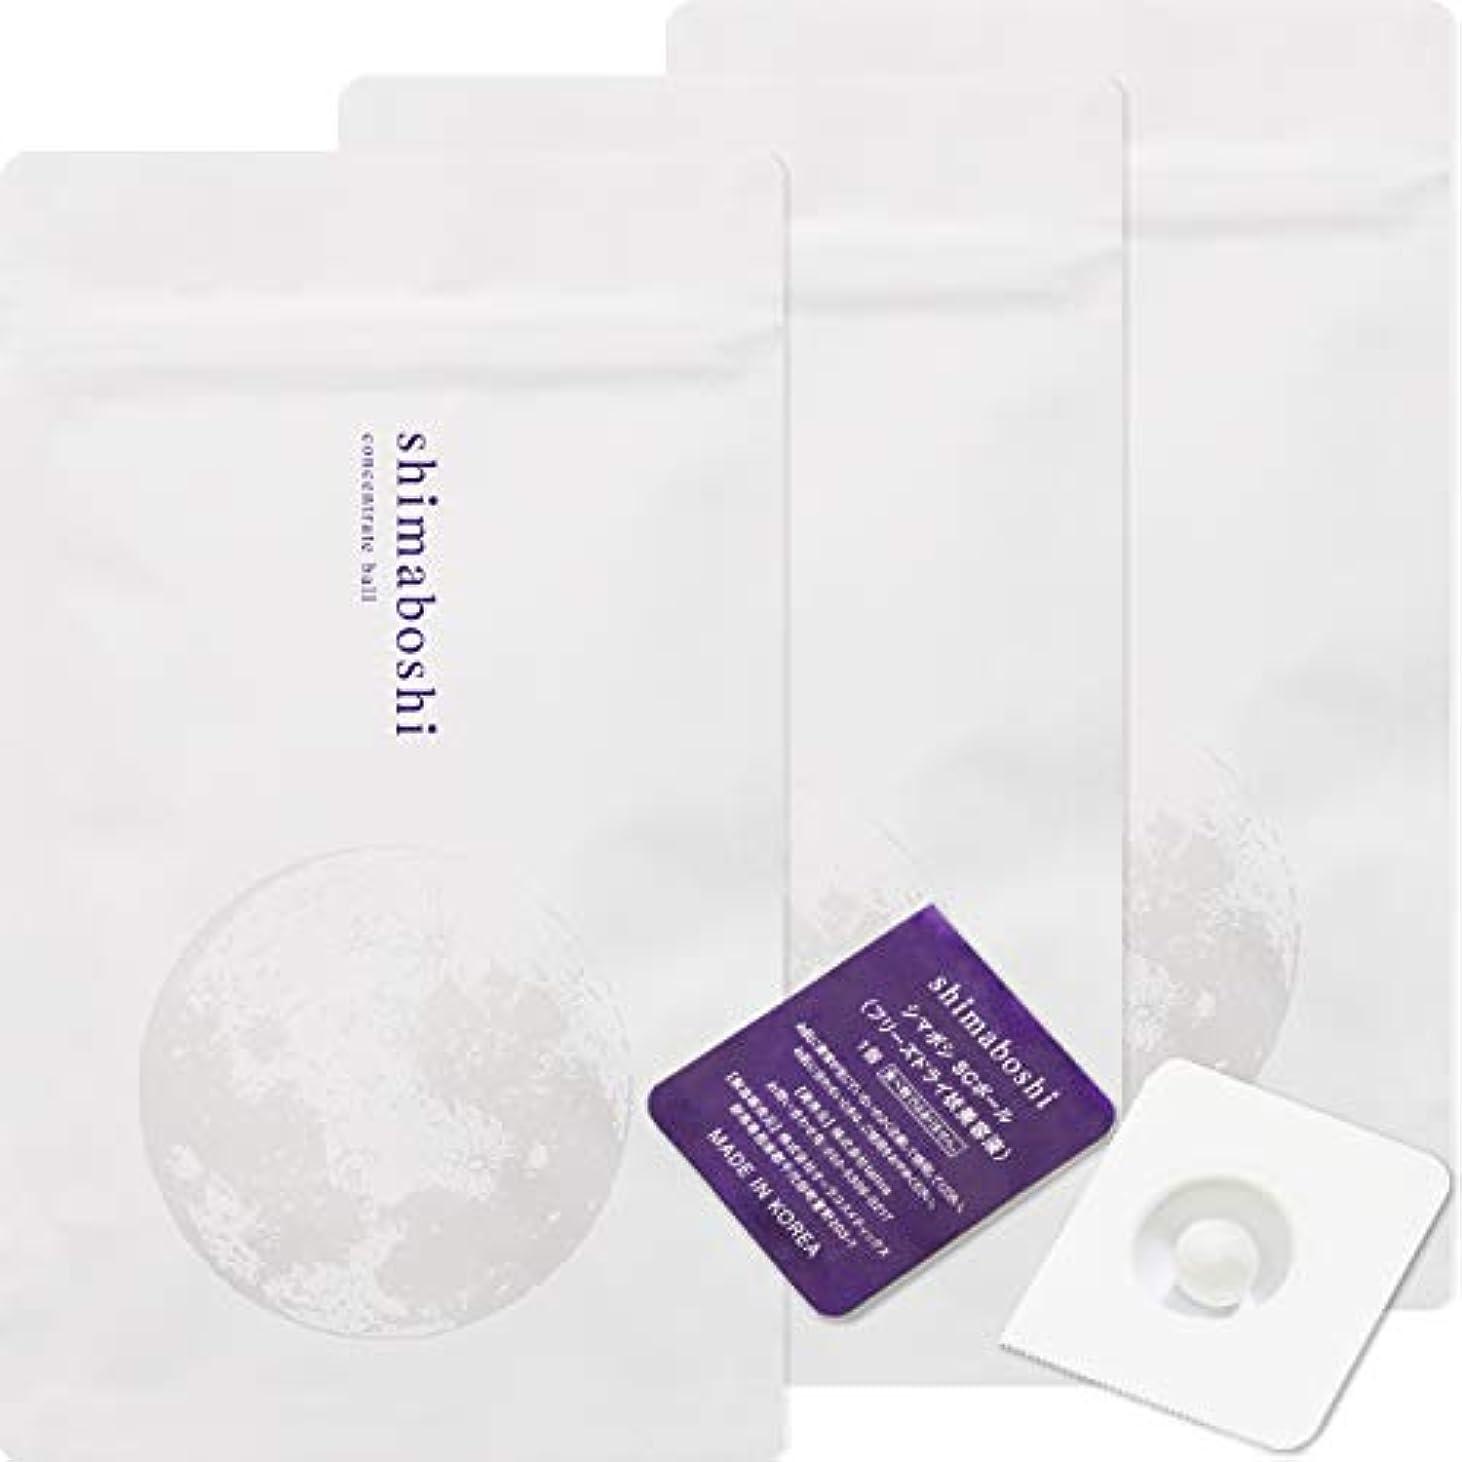 シマボシ shimaboshi コンセントレートボール 生コラーゲンボール 3袋セット 1粒あたり 美容液60本分 化粧水に溶かすだけ 美容液 美白 ハリ ツヤ エイジング ケア 美肌 贅沢スキンケア